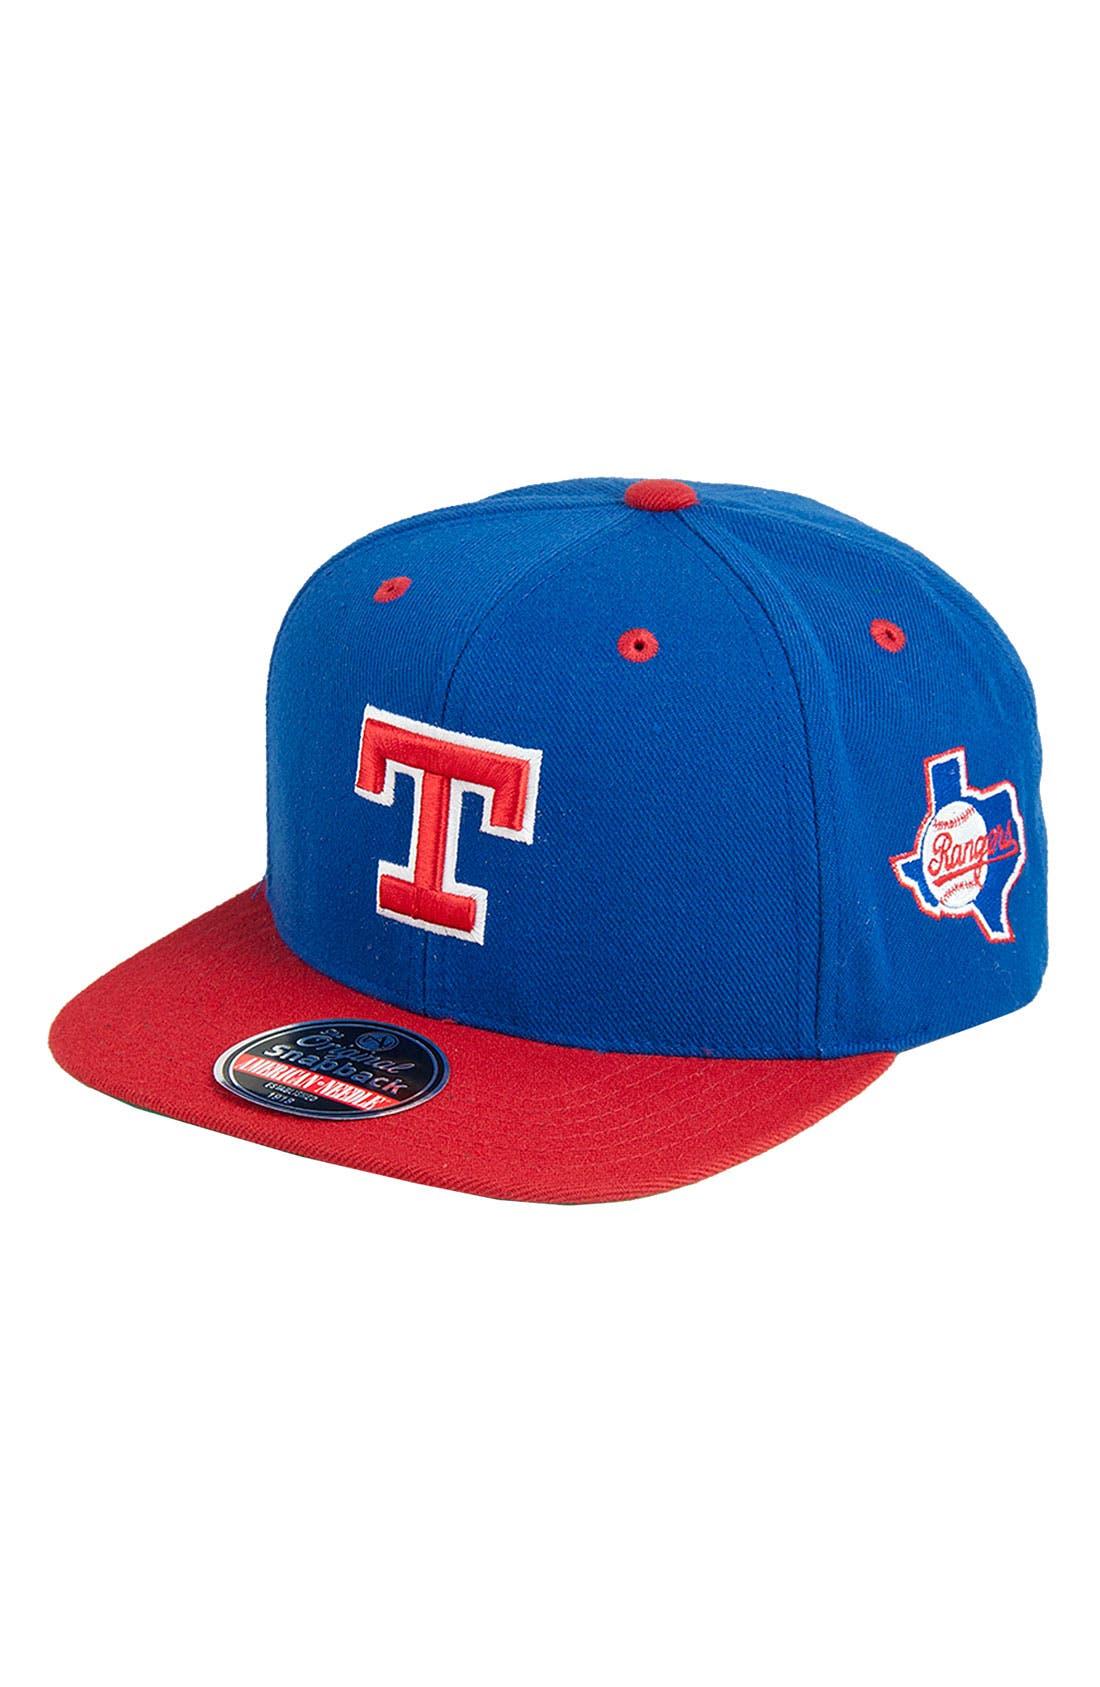 Main Image - American Needle 'Blockhead Rangers' Snapback Baseball Cap